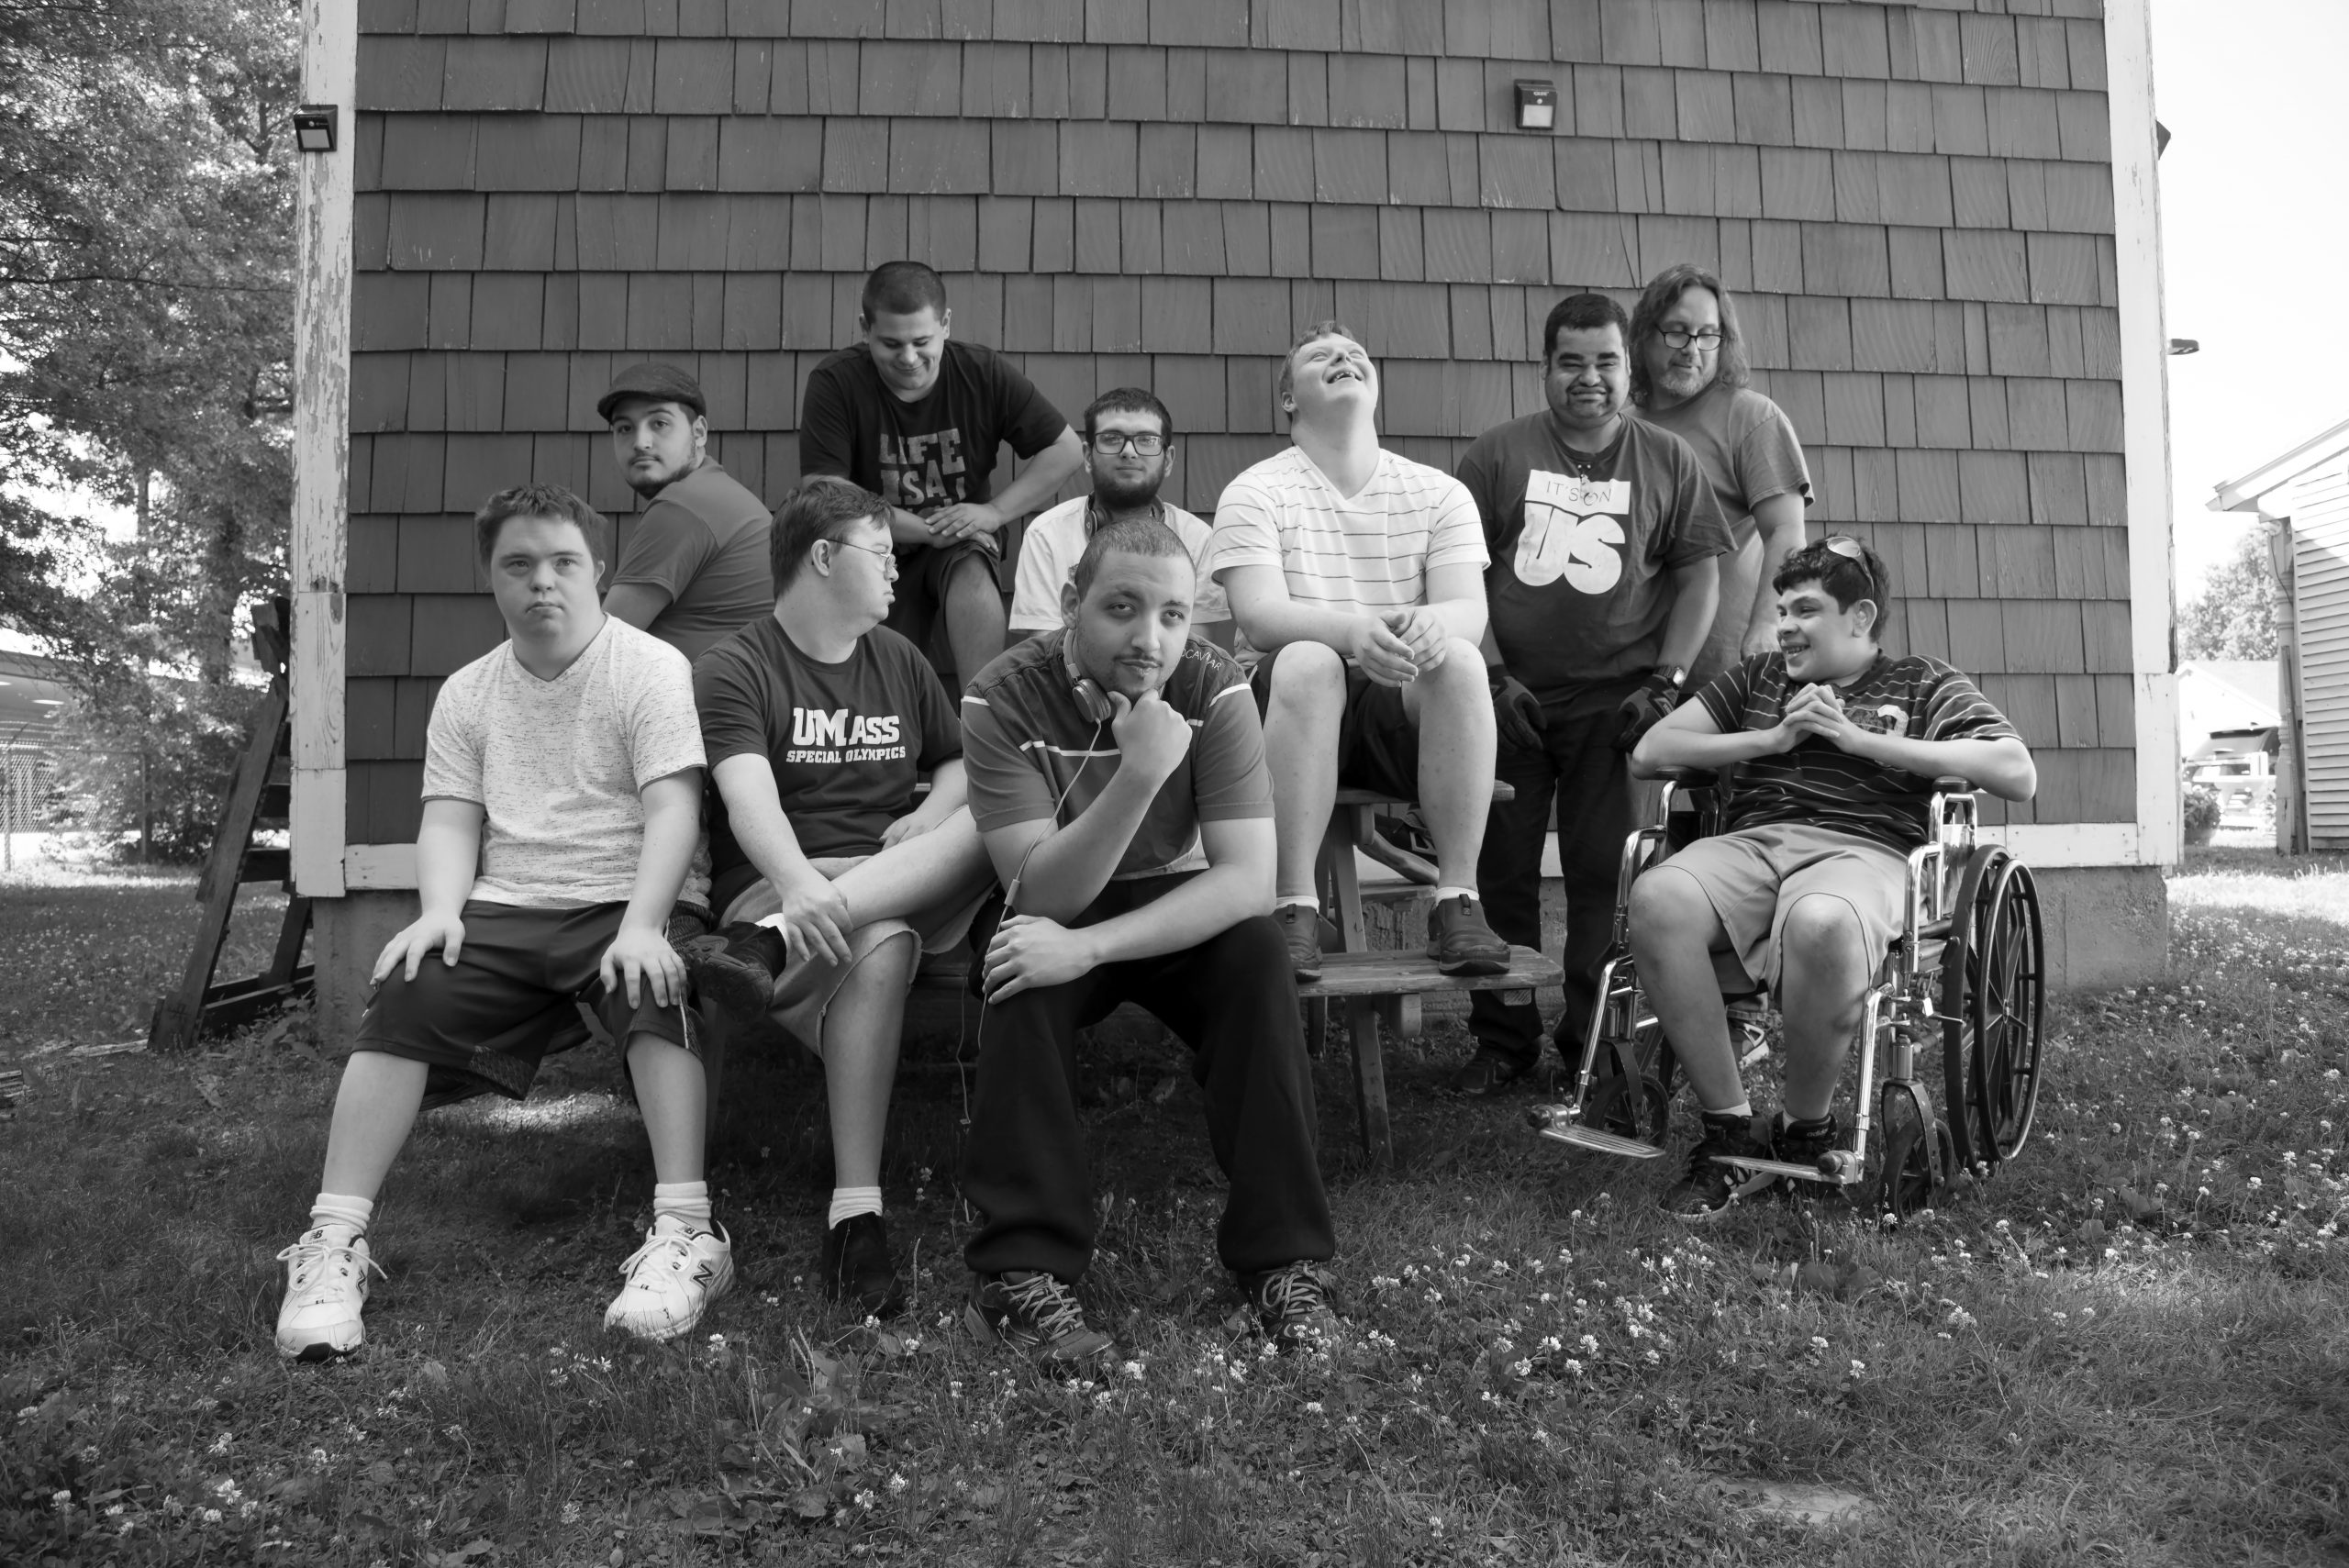 Whole Selves' Men's Group Photographed by Ellen Augarten